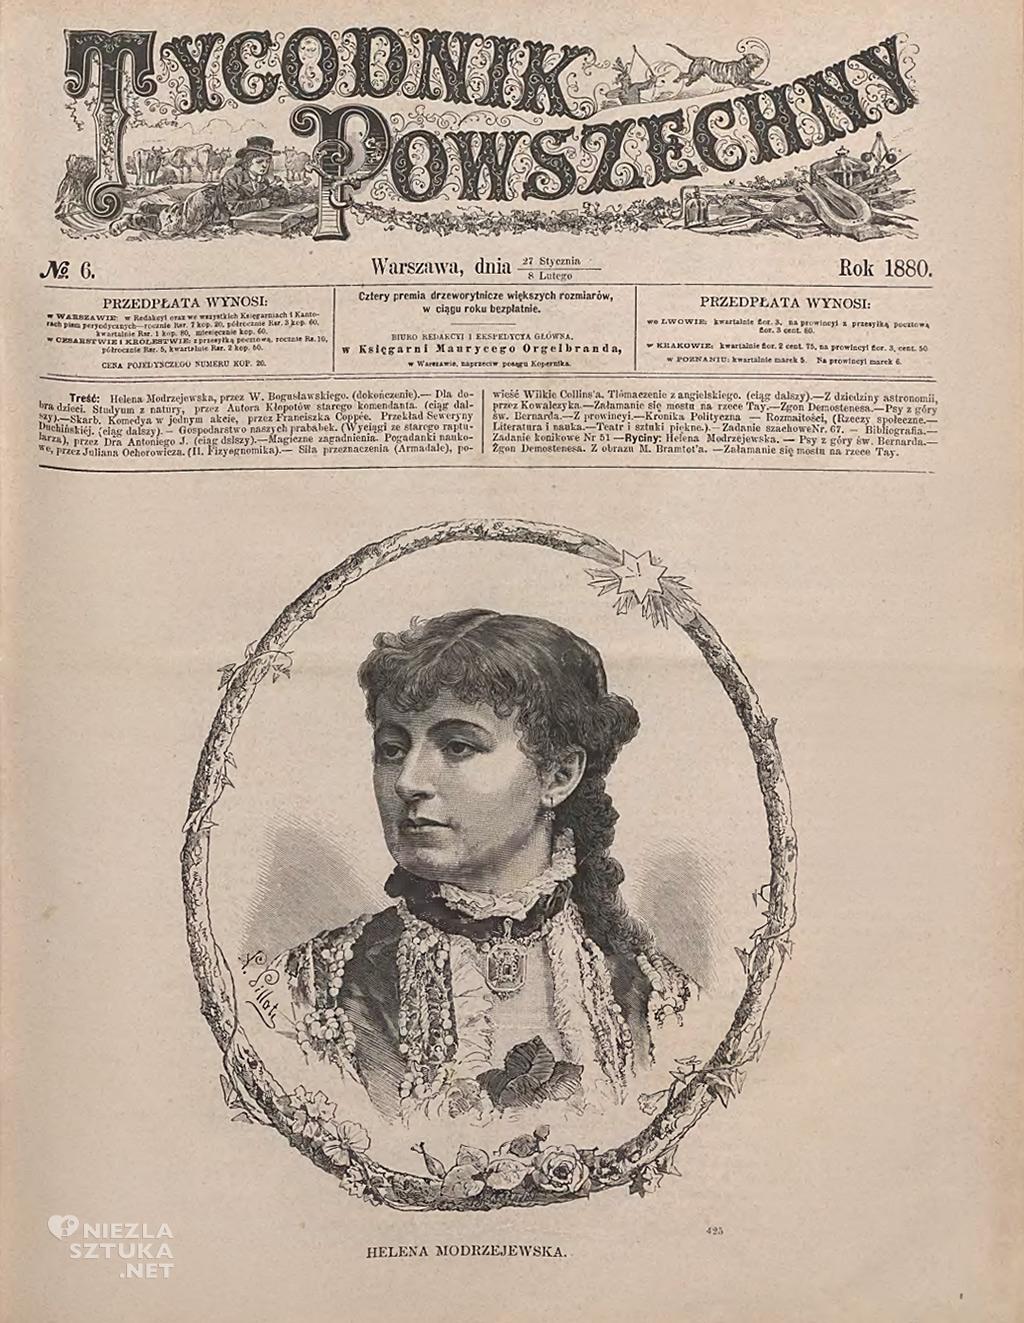 Helena Modrzejewska, Tygodnik Powszechny, niezła sztuka